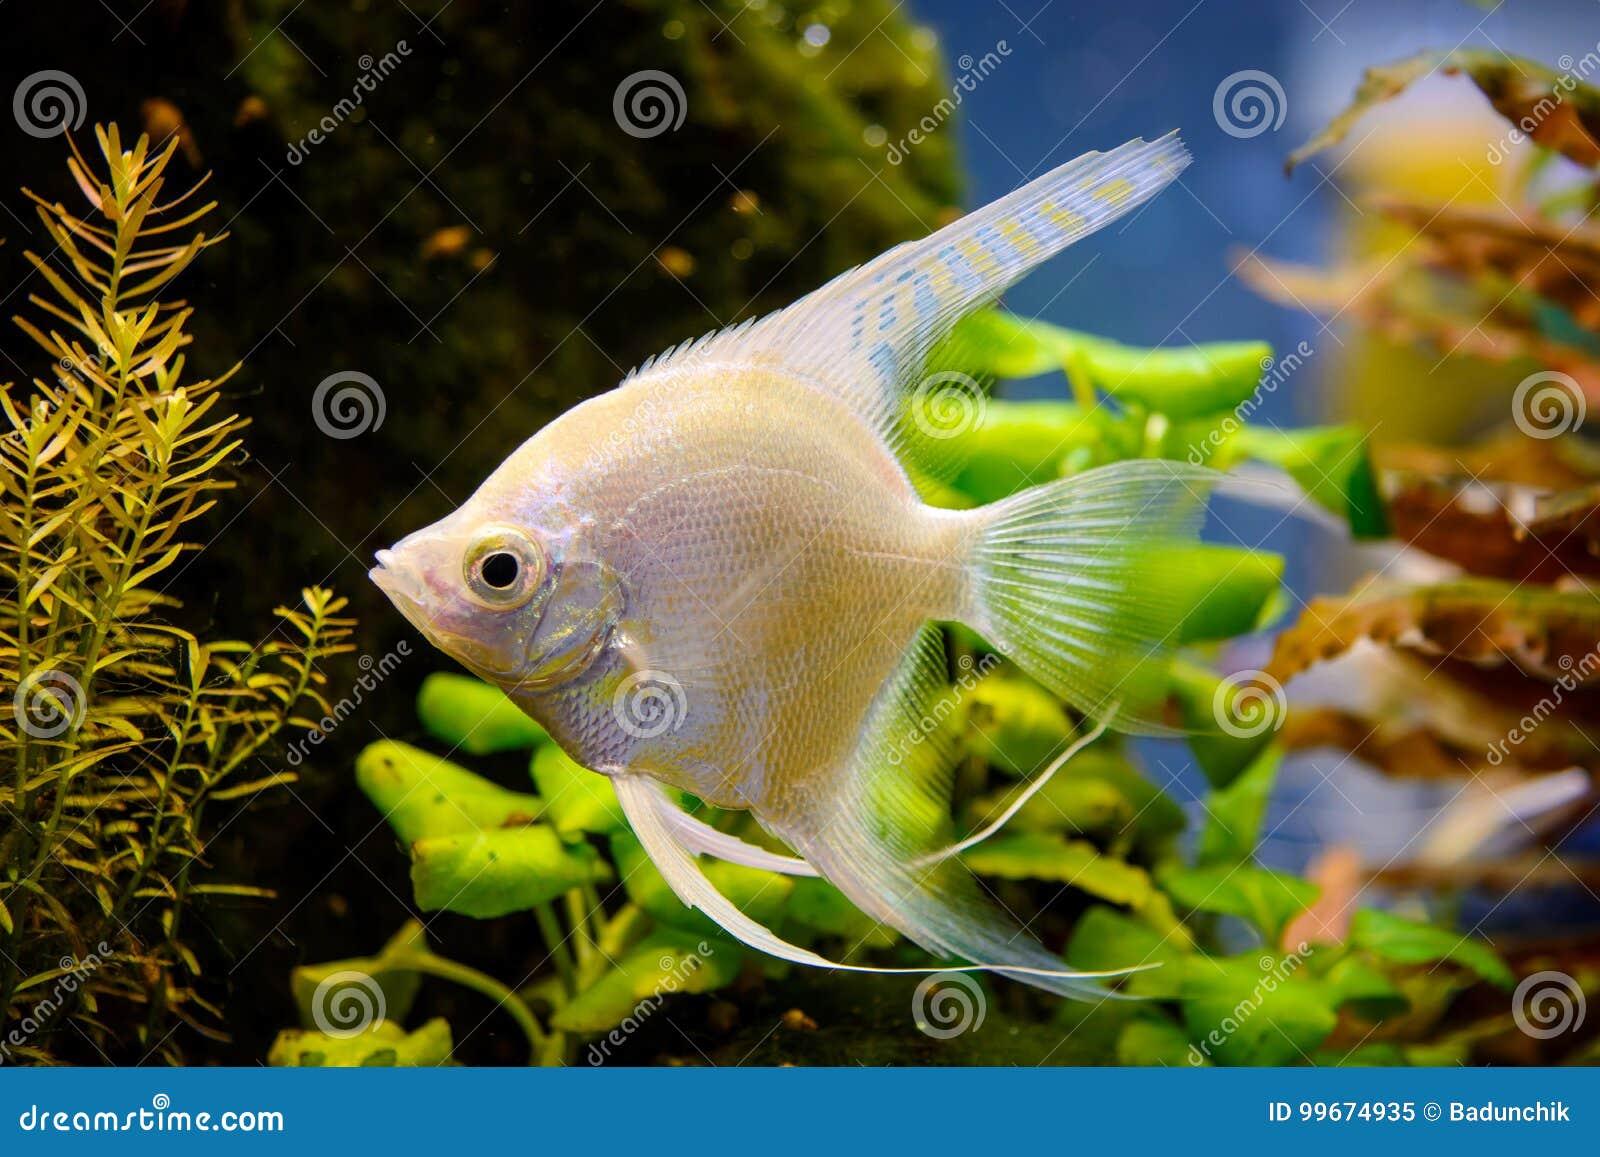 Natural Fish Tank At Home